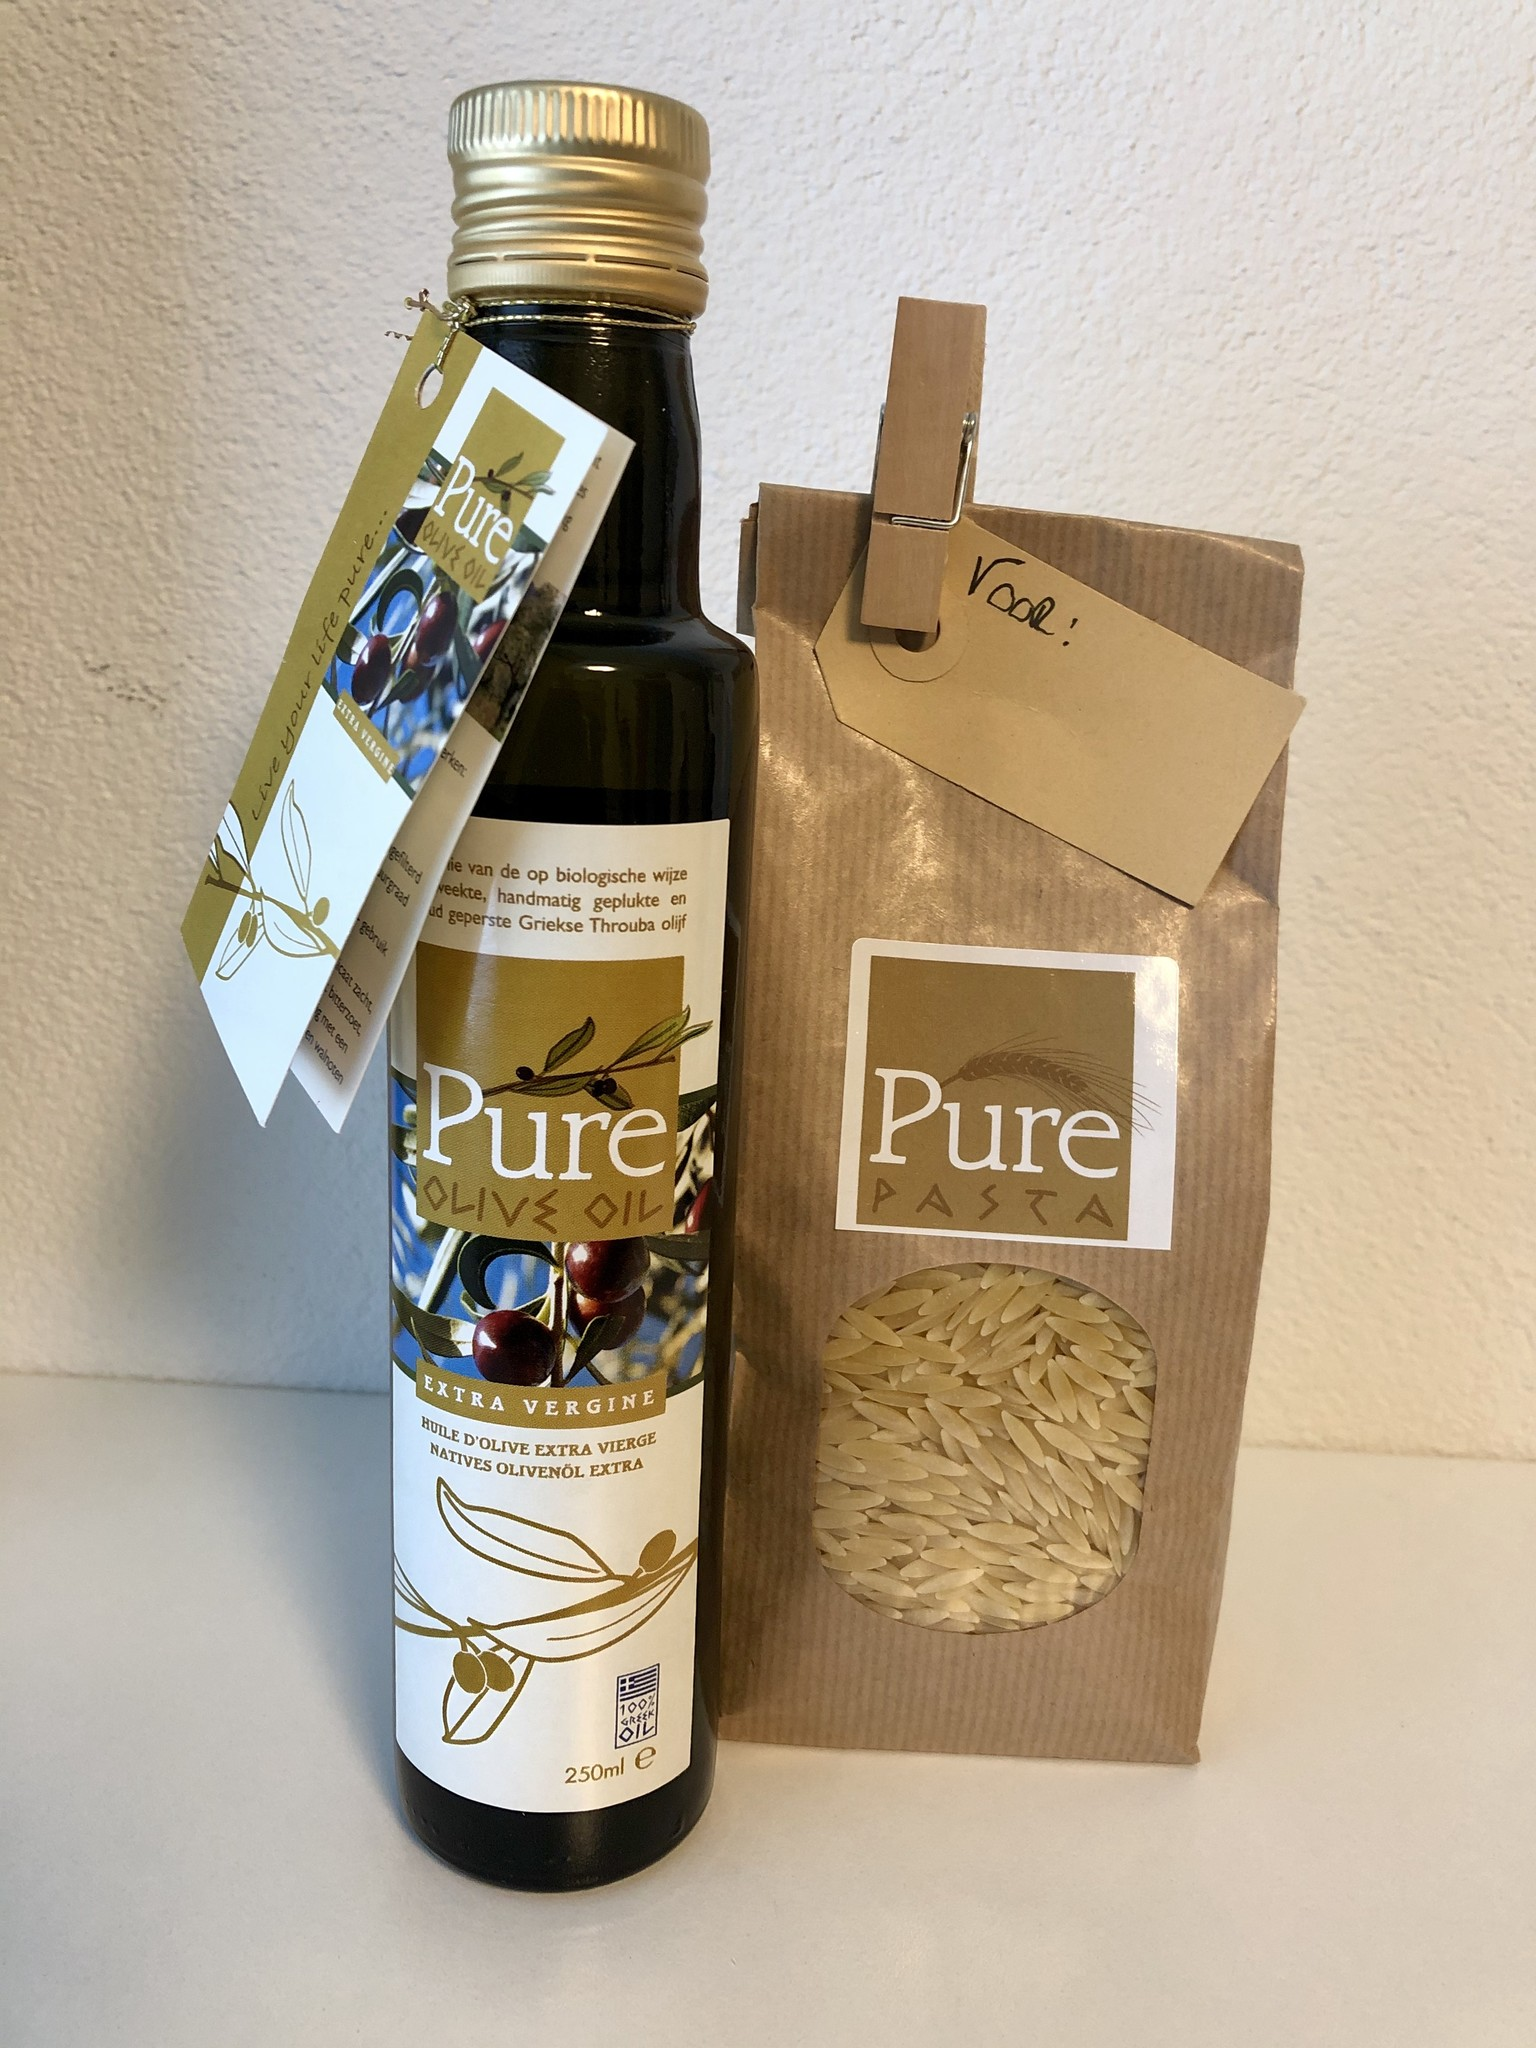 Geschenk  Pure Olive Oil 250 ml met Pure Pasta